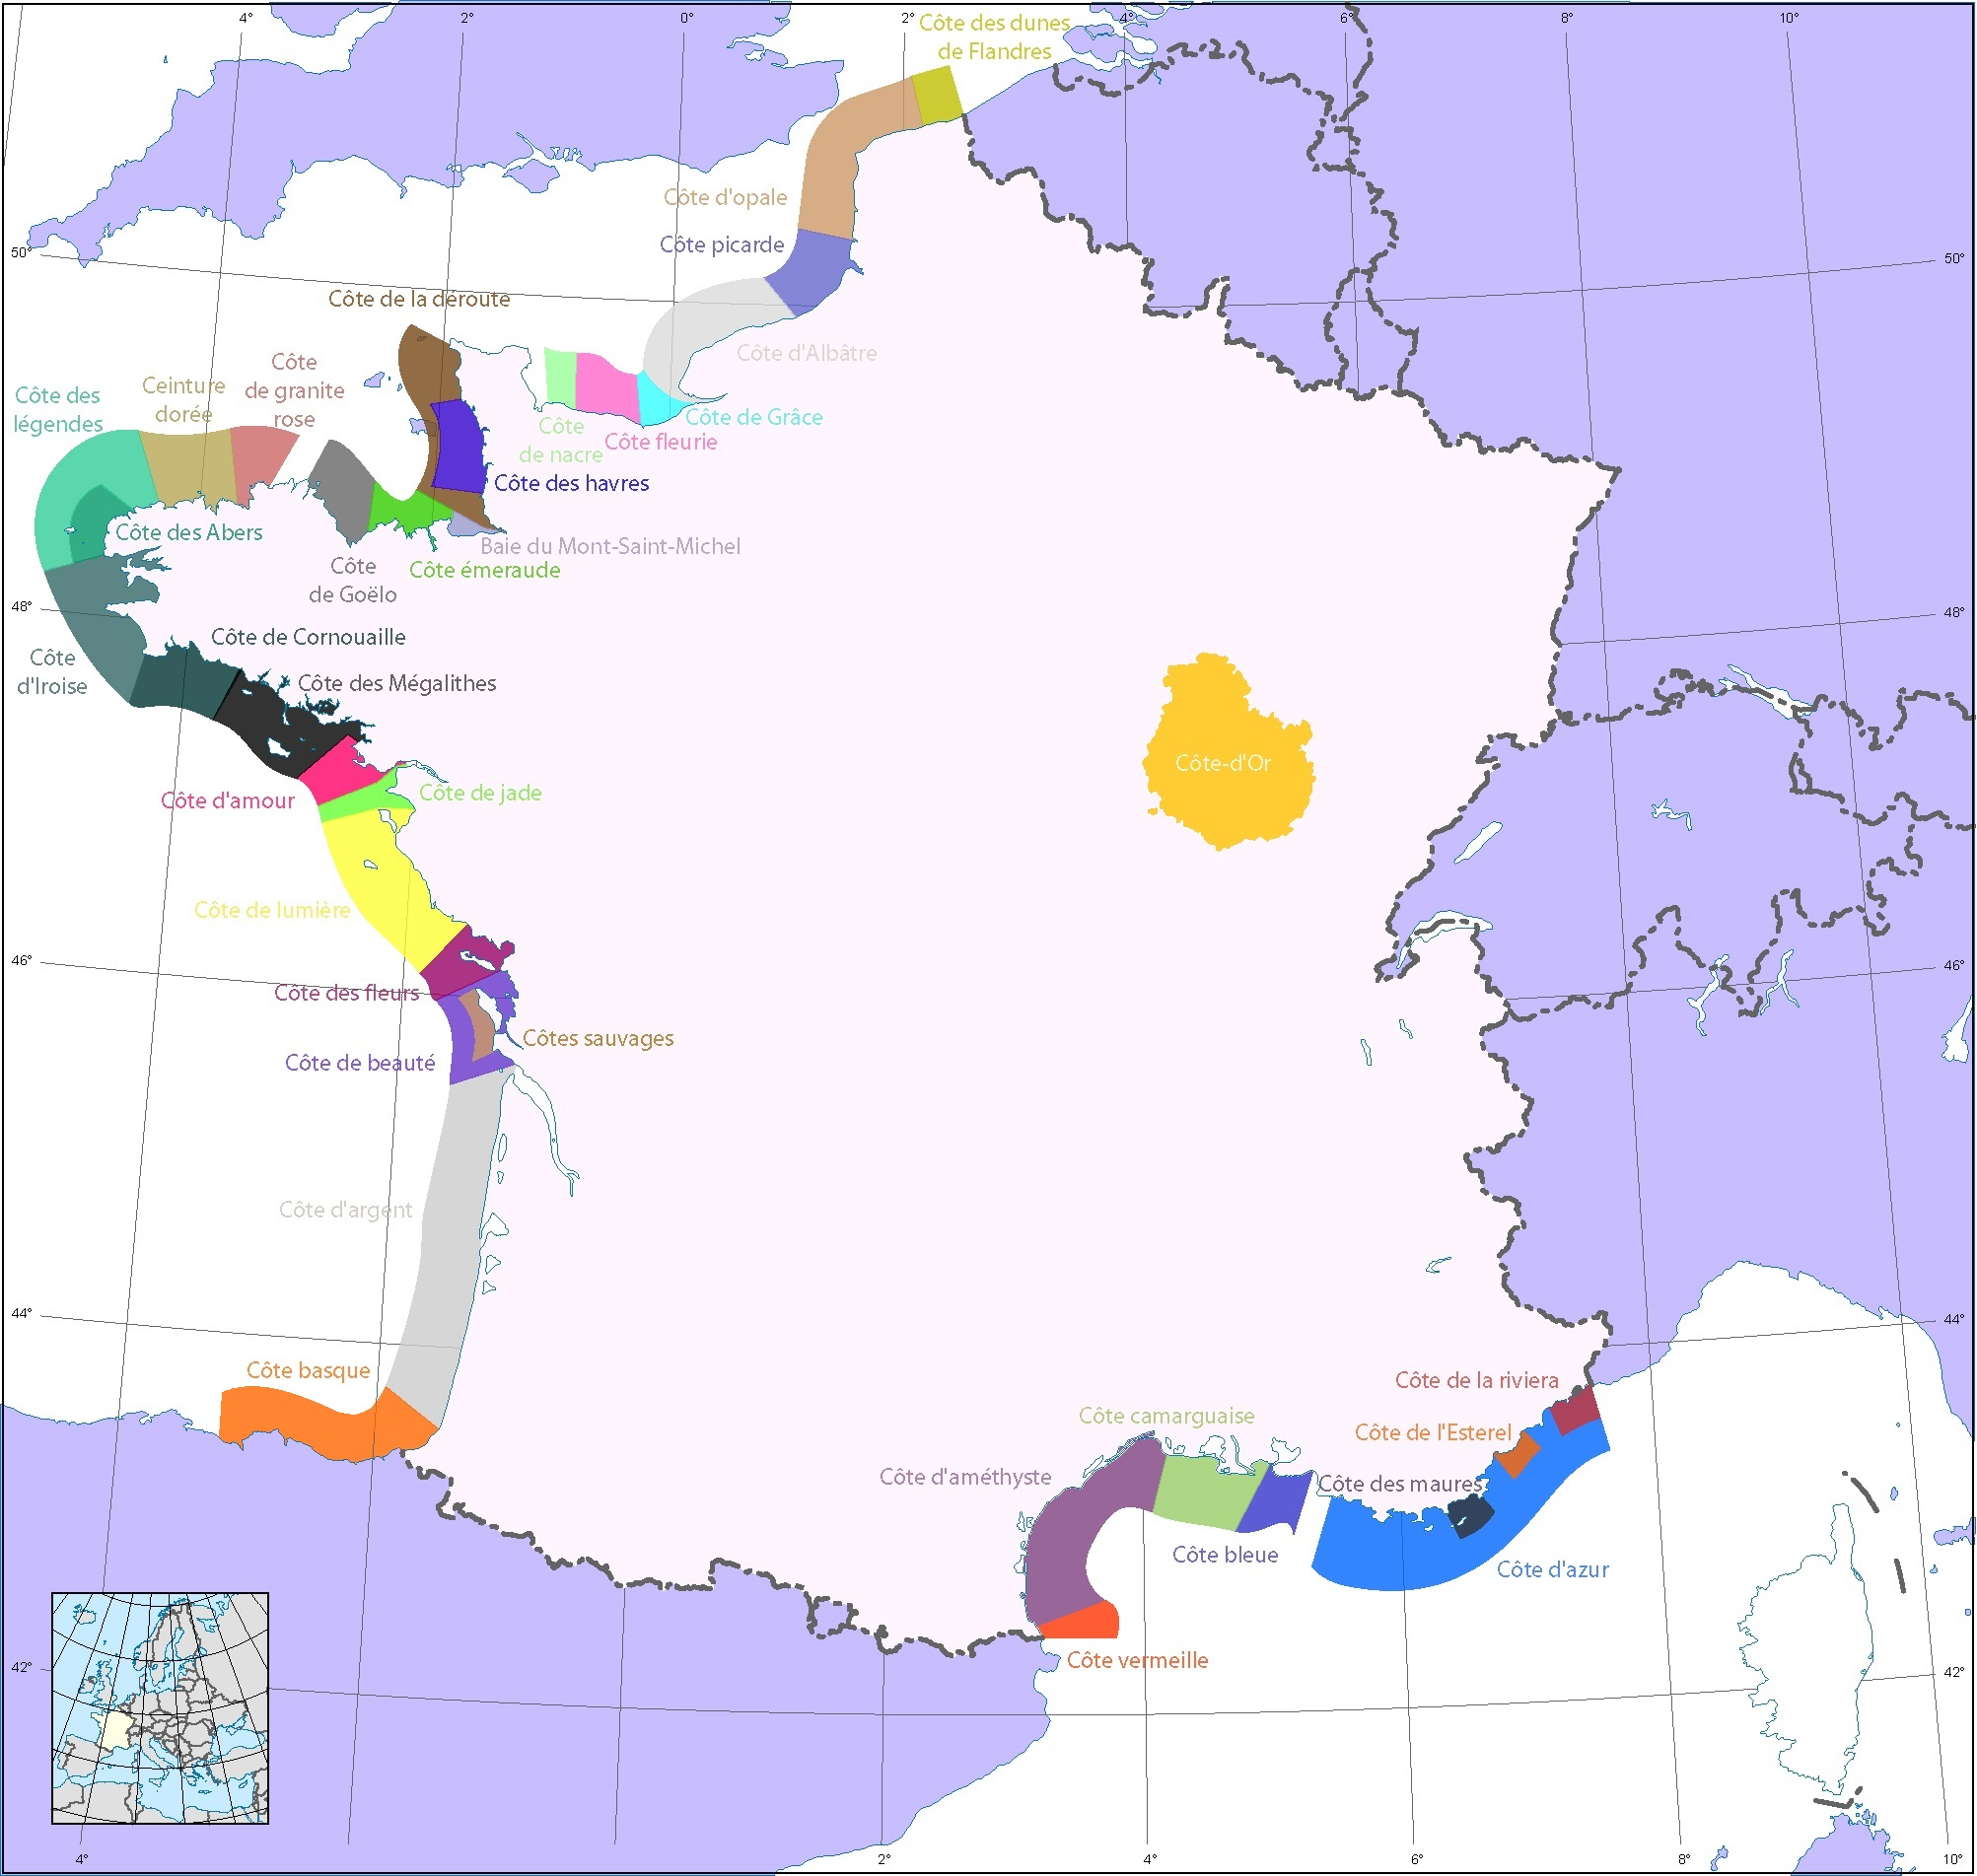 carte cote atlantique france File:Côtes de France.   Wikimedia Commons